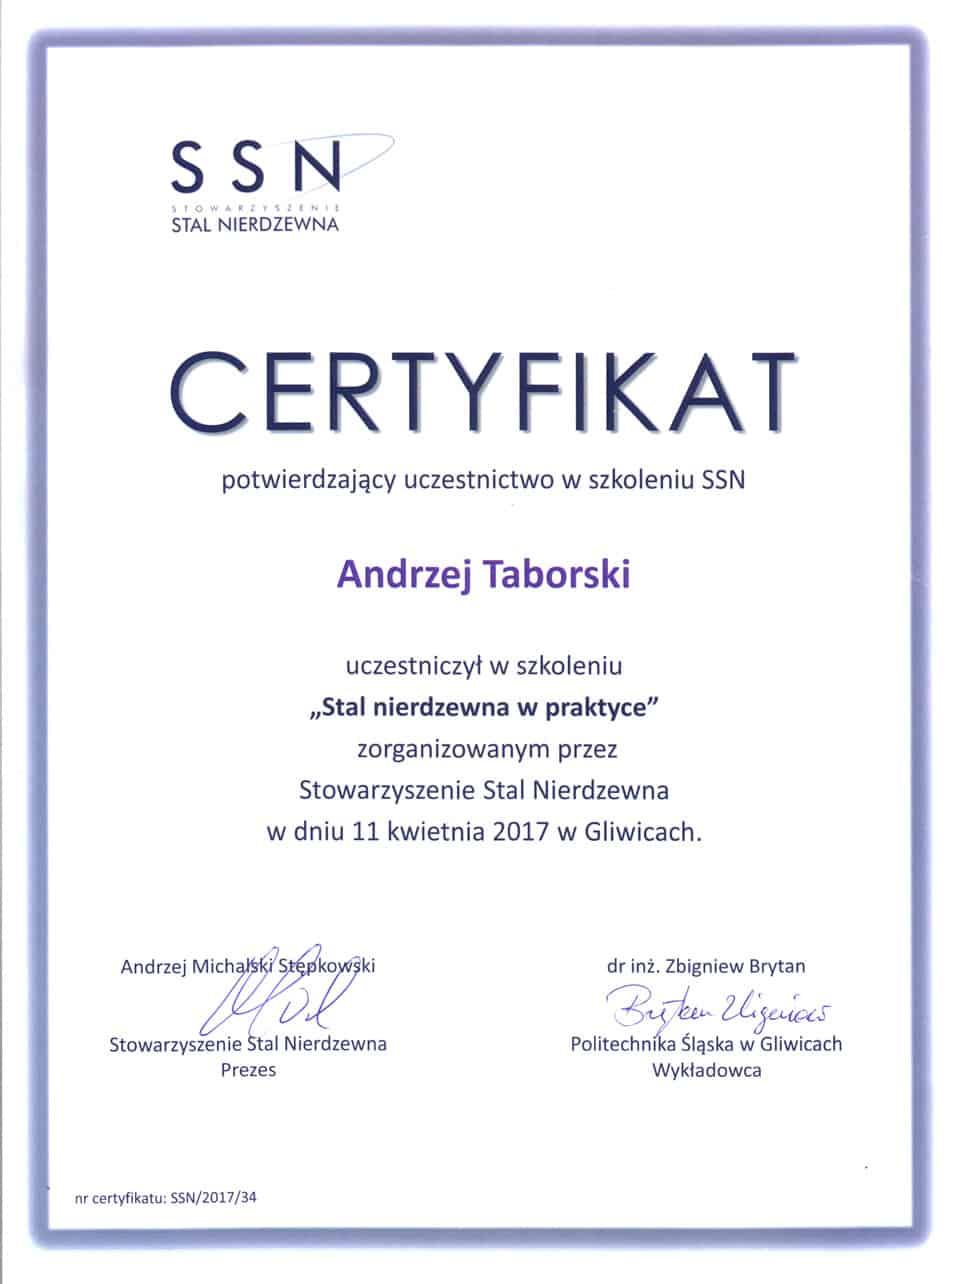 ssn certyfikat stal nierdzewna